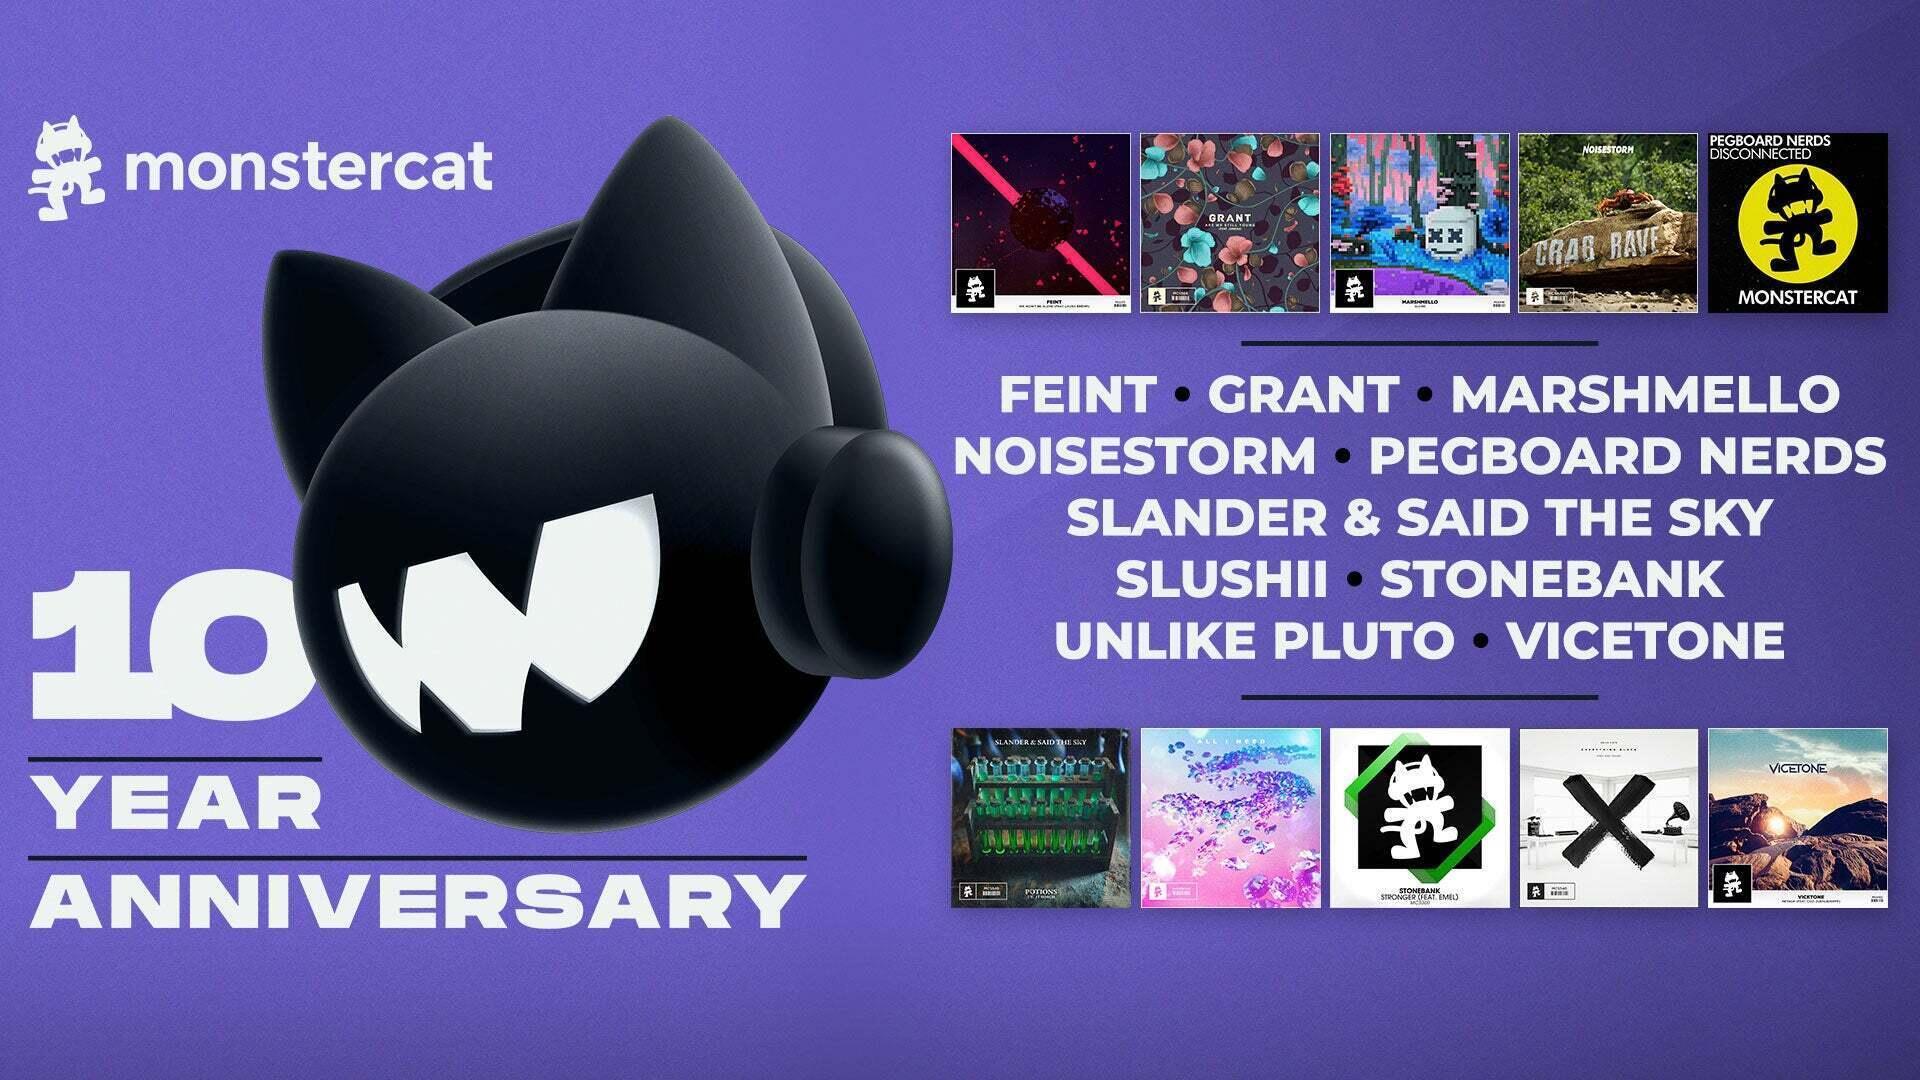 evento de monstercat 2